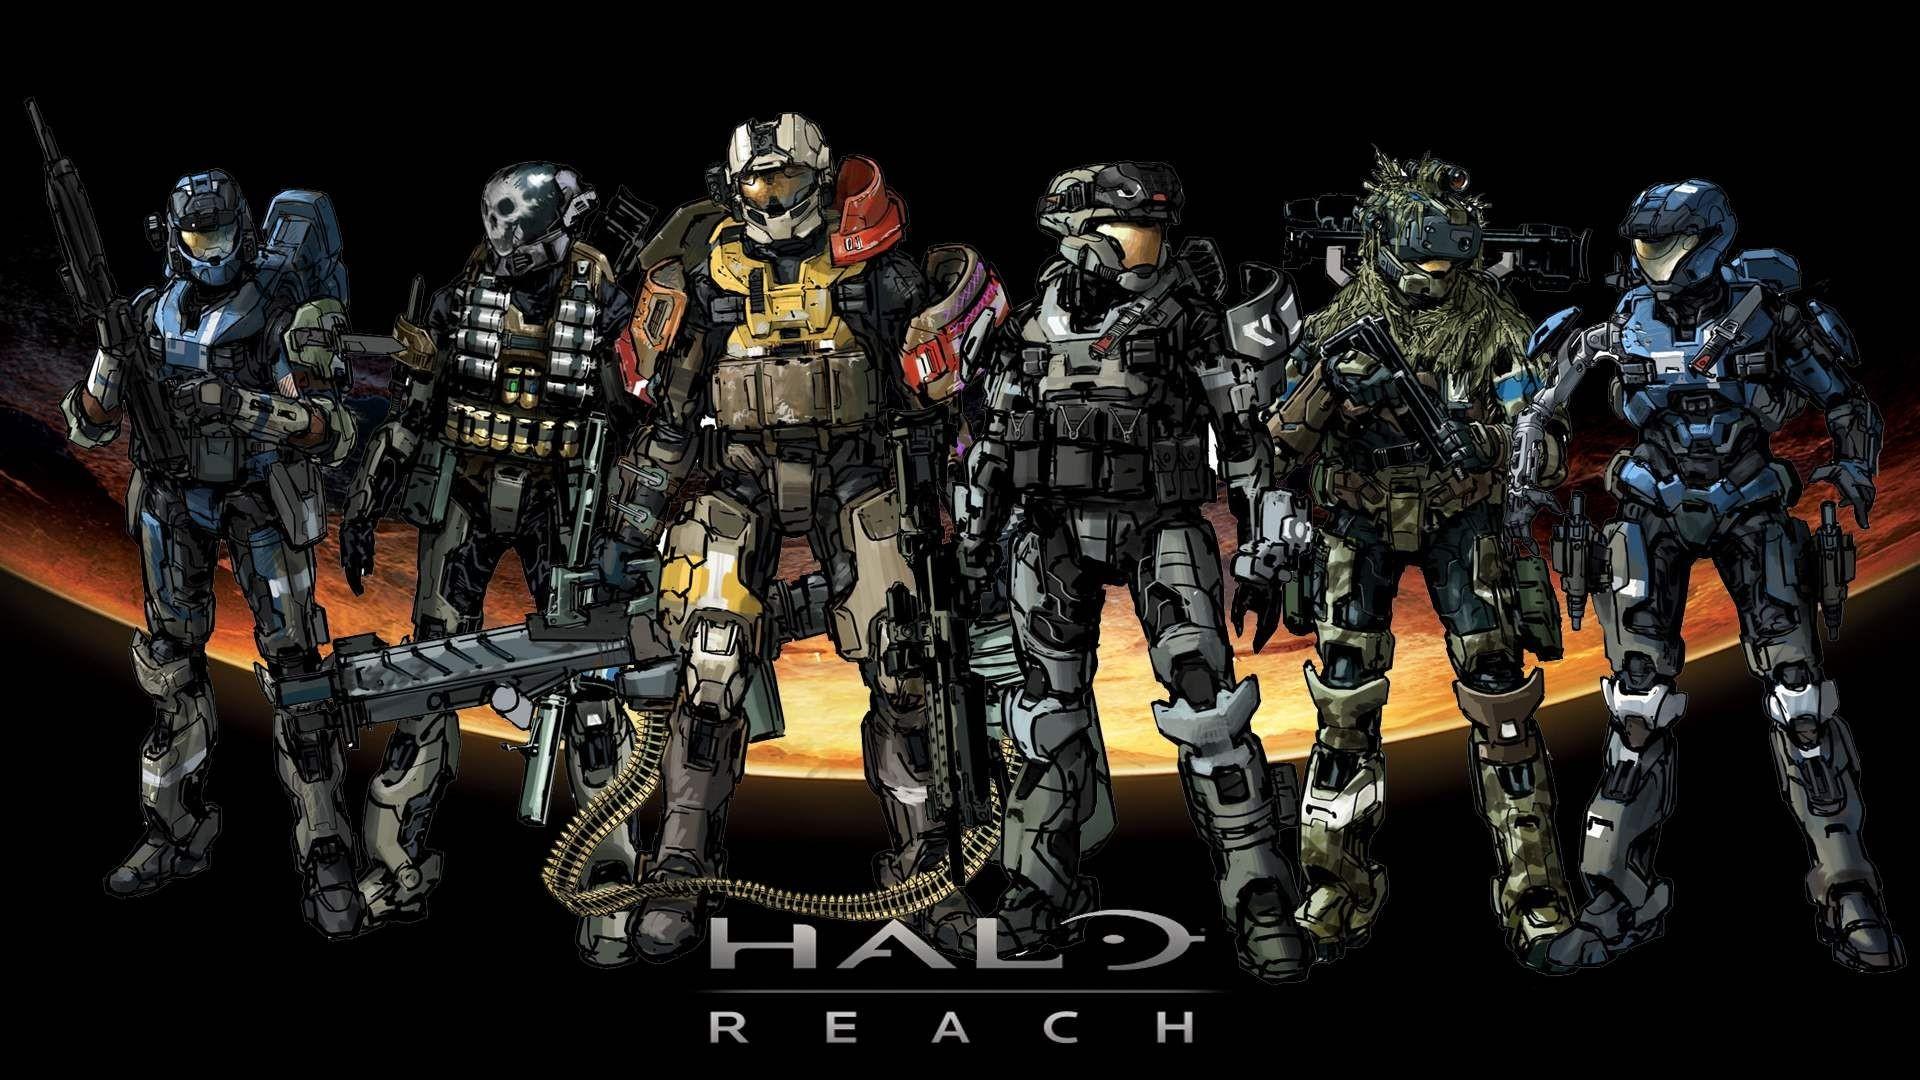 Halo Reach Emile Helmet Poster By Fallenv3gas – Migliori Pagine da